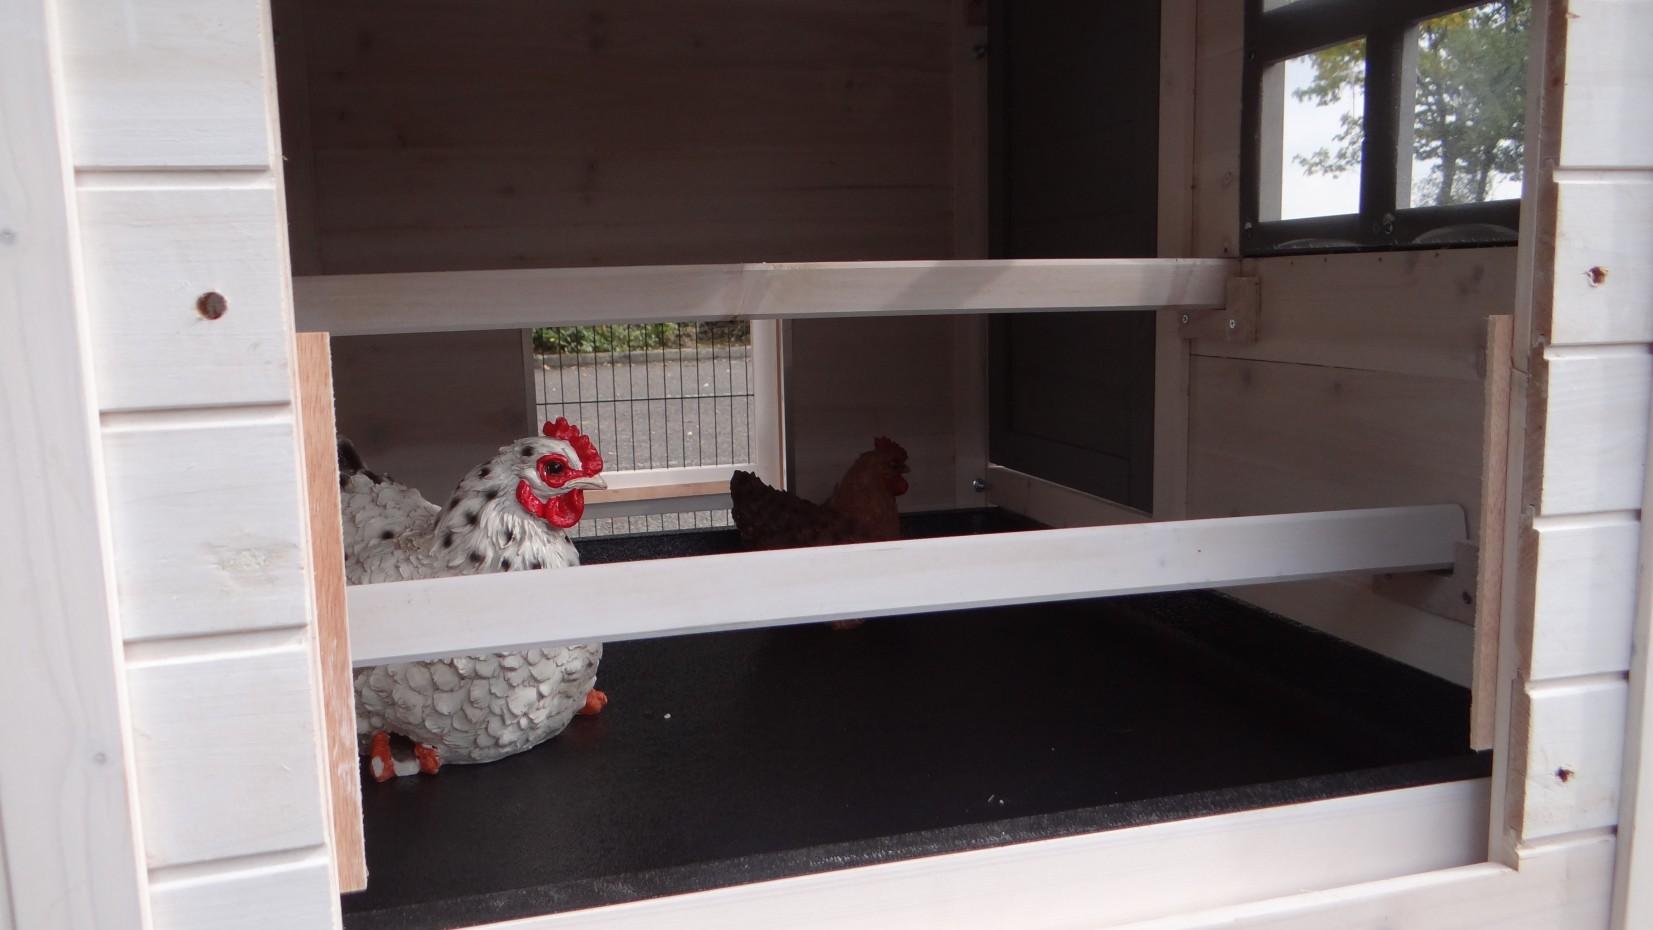 h hnerstall holiday medium zus tzliches auslauf. Black Bedroom Furniture Sets. Home Design Ideas